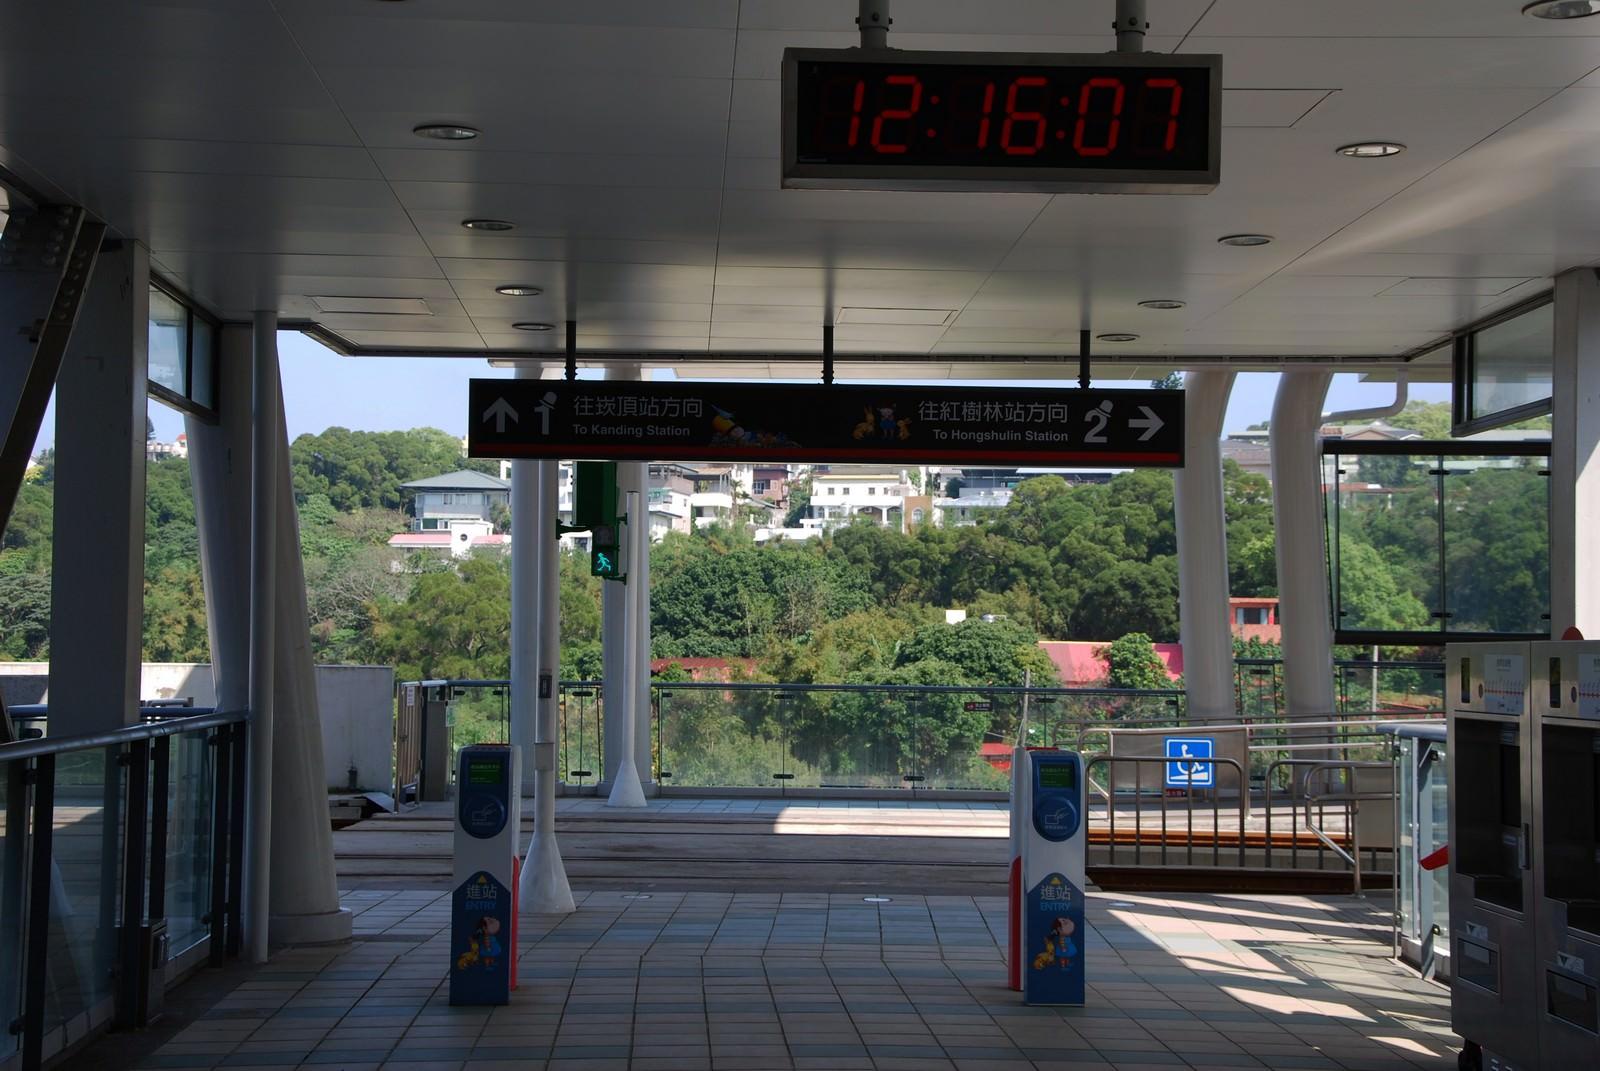 淡海輕軌綠山線, 輕軌新市一路站, 刷卡機